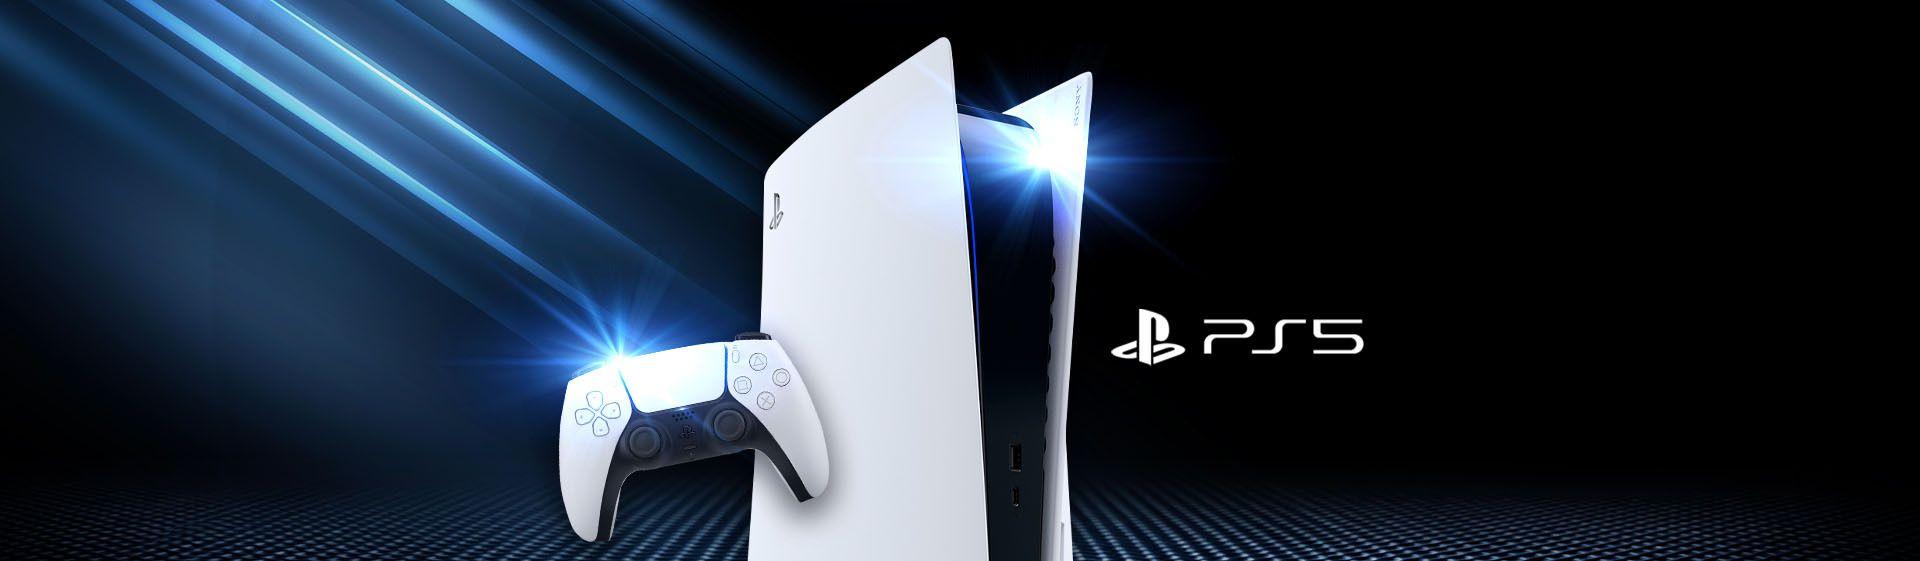 PS5: confira preço, data de lançamento e trailers de jogos exclusivos